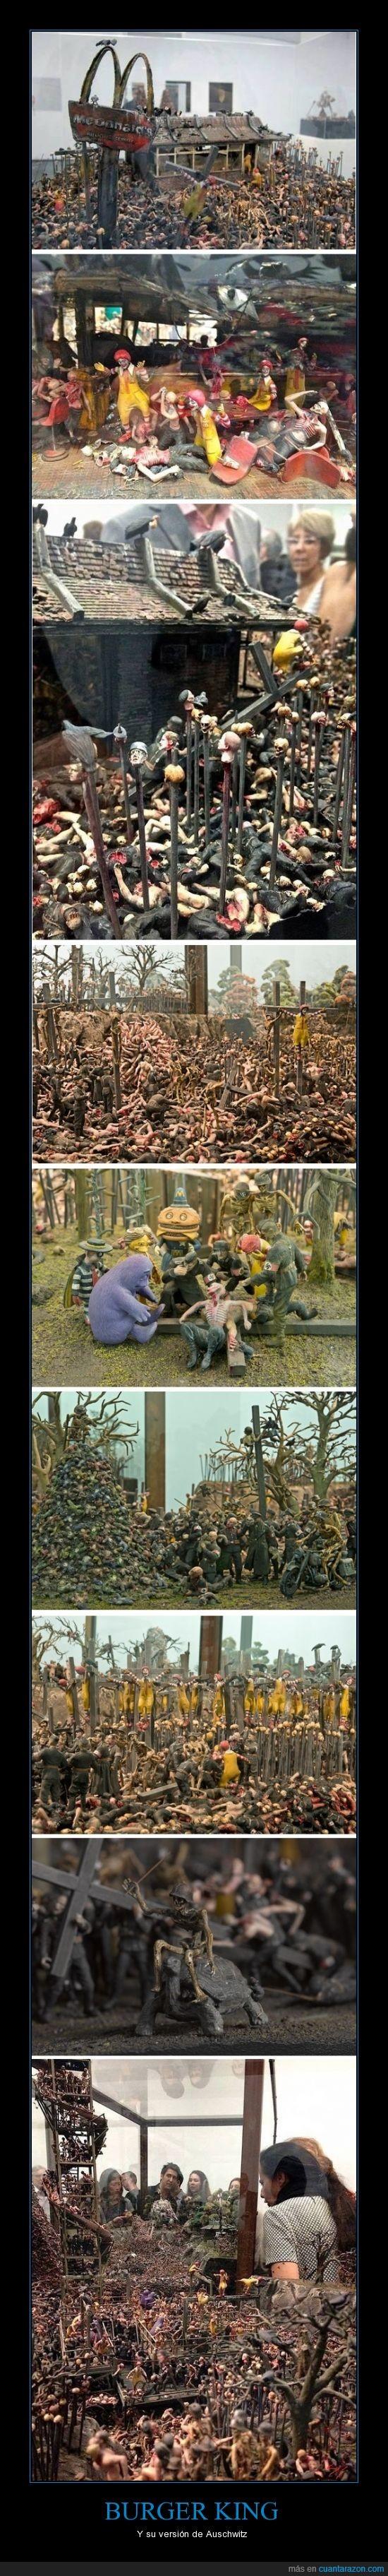 burger,campo,concentración,king,muñeco